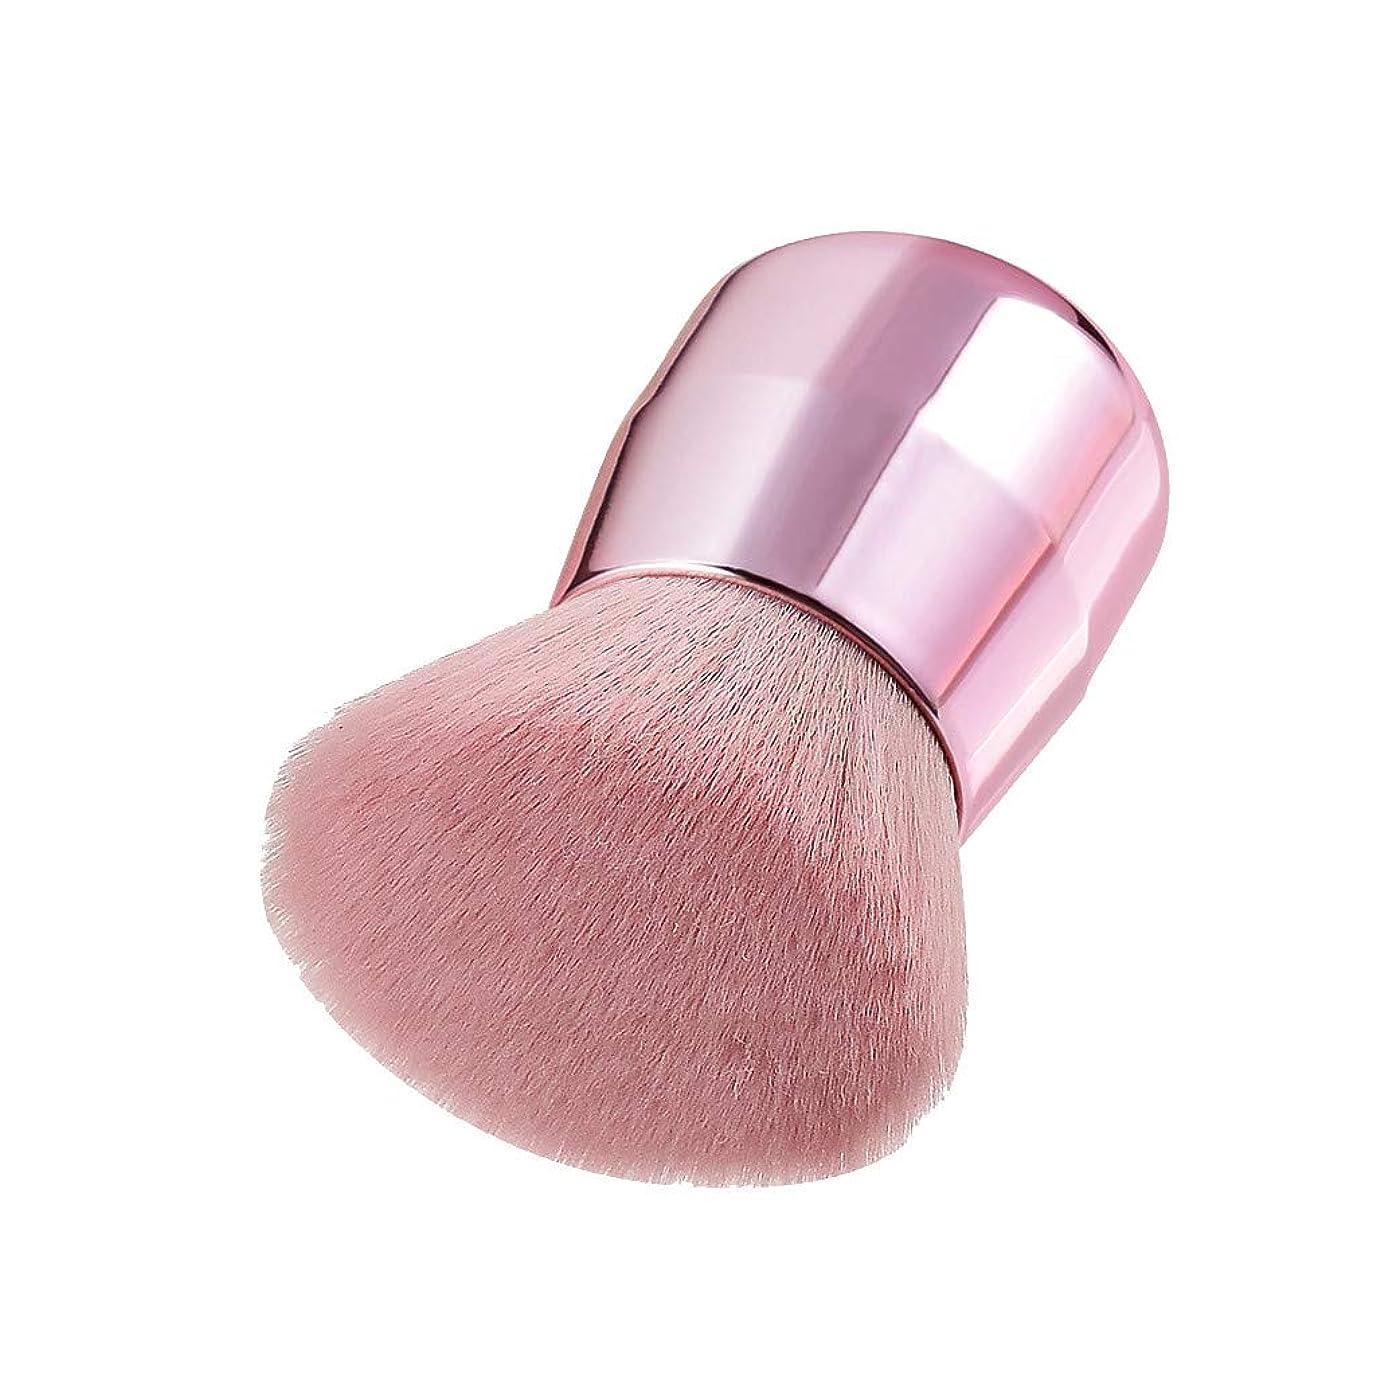 汚染する確認する顎Lazayyii ファンデーション 化粧品 眉 アイシャドウブラシ 化粧ブラシセットツール 2個 (A)